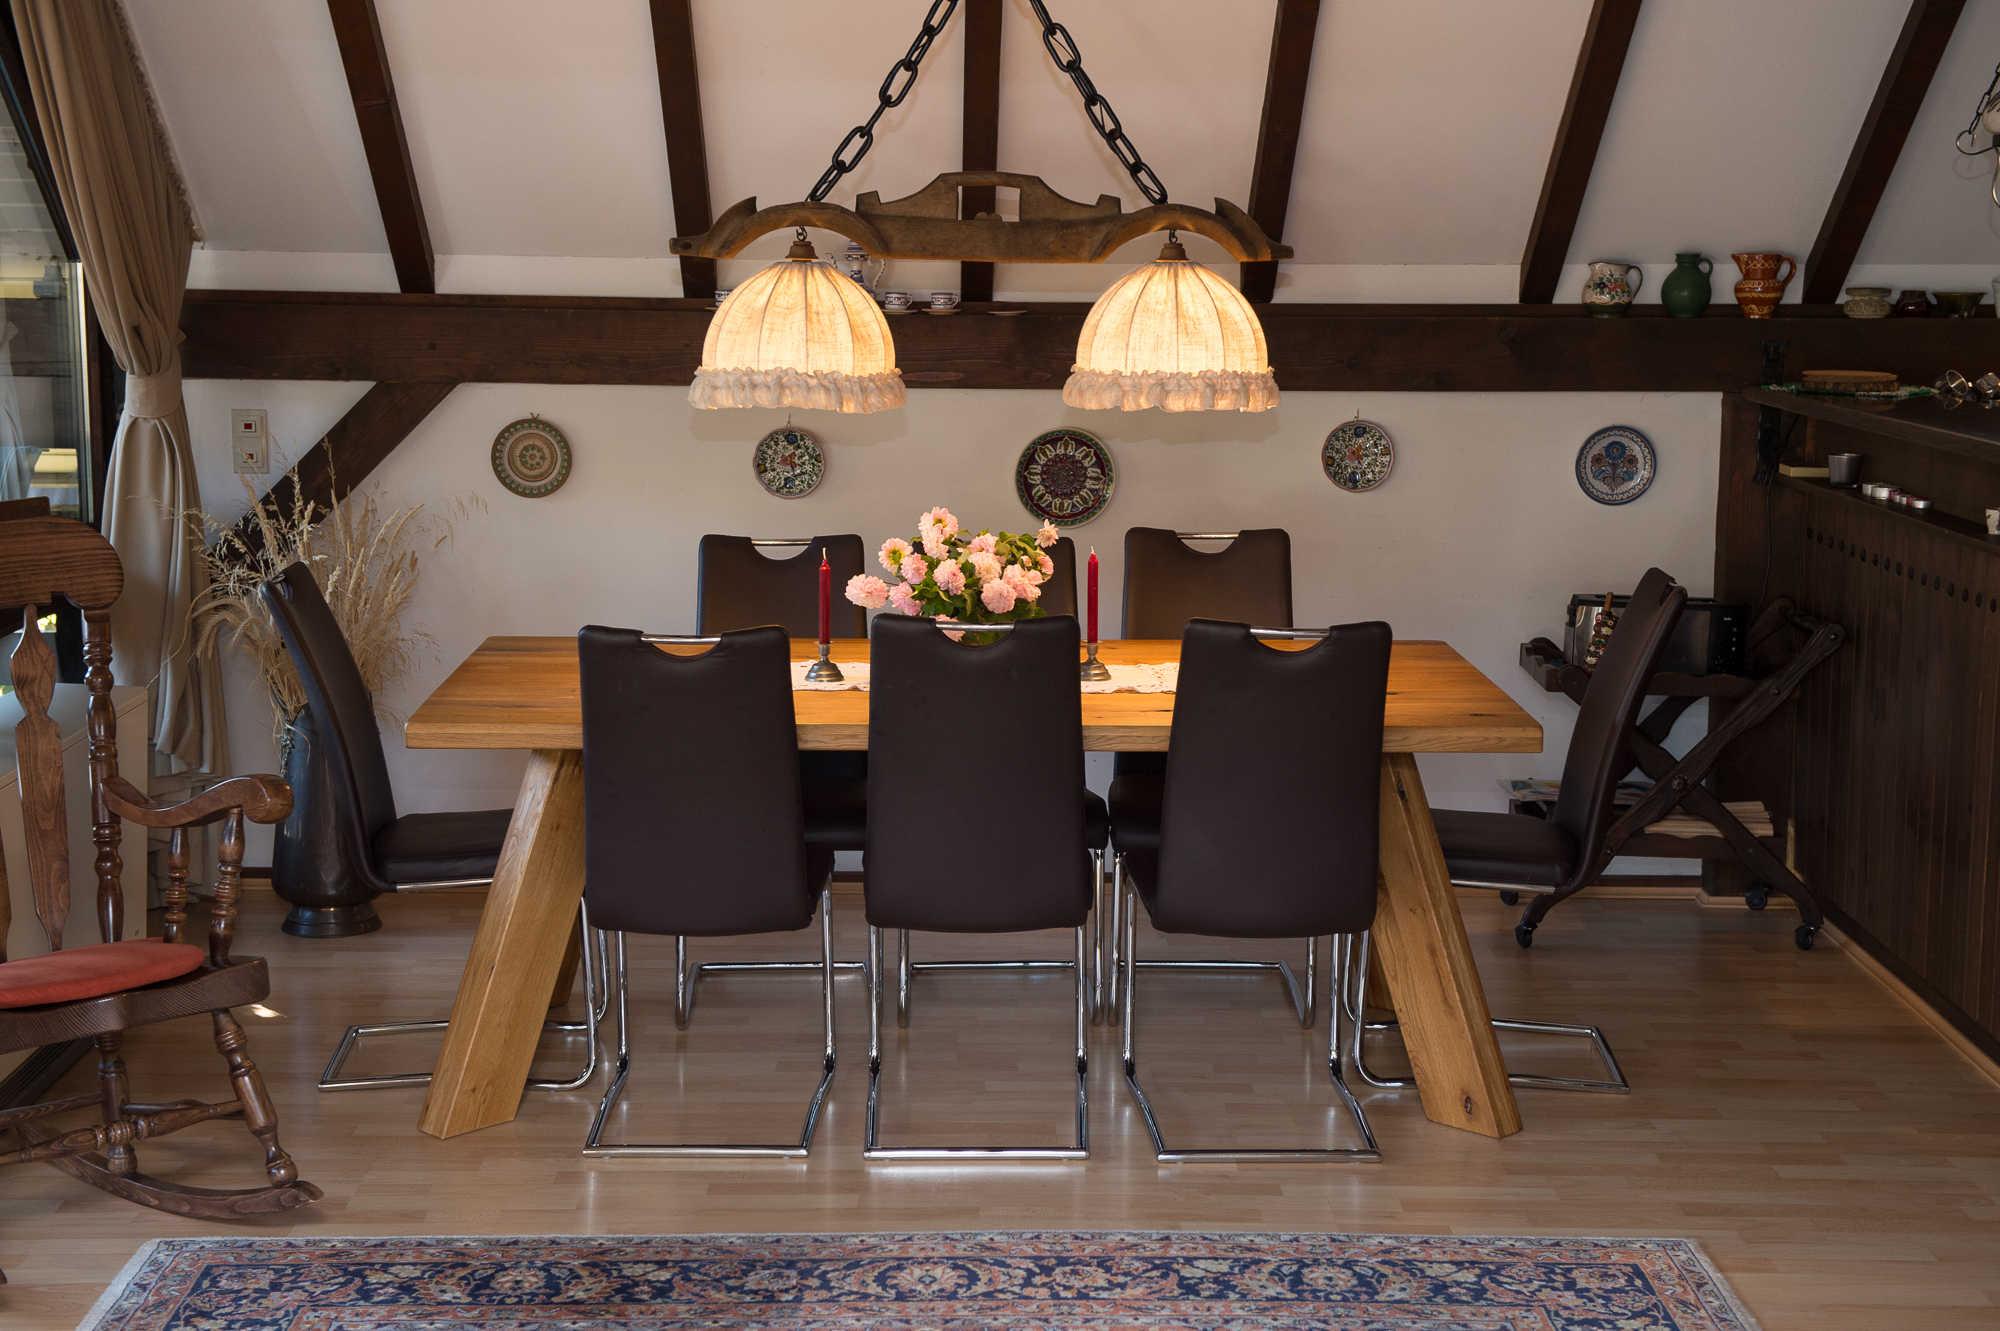 Wohnzimmer mit Esstisch für 8 Personen